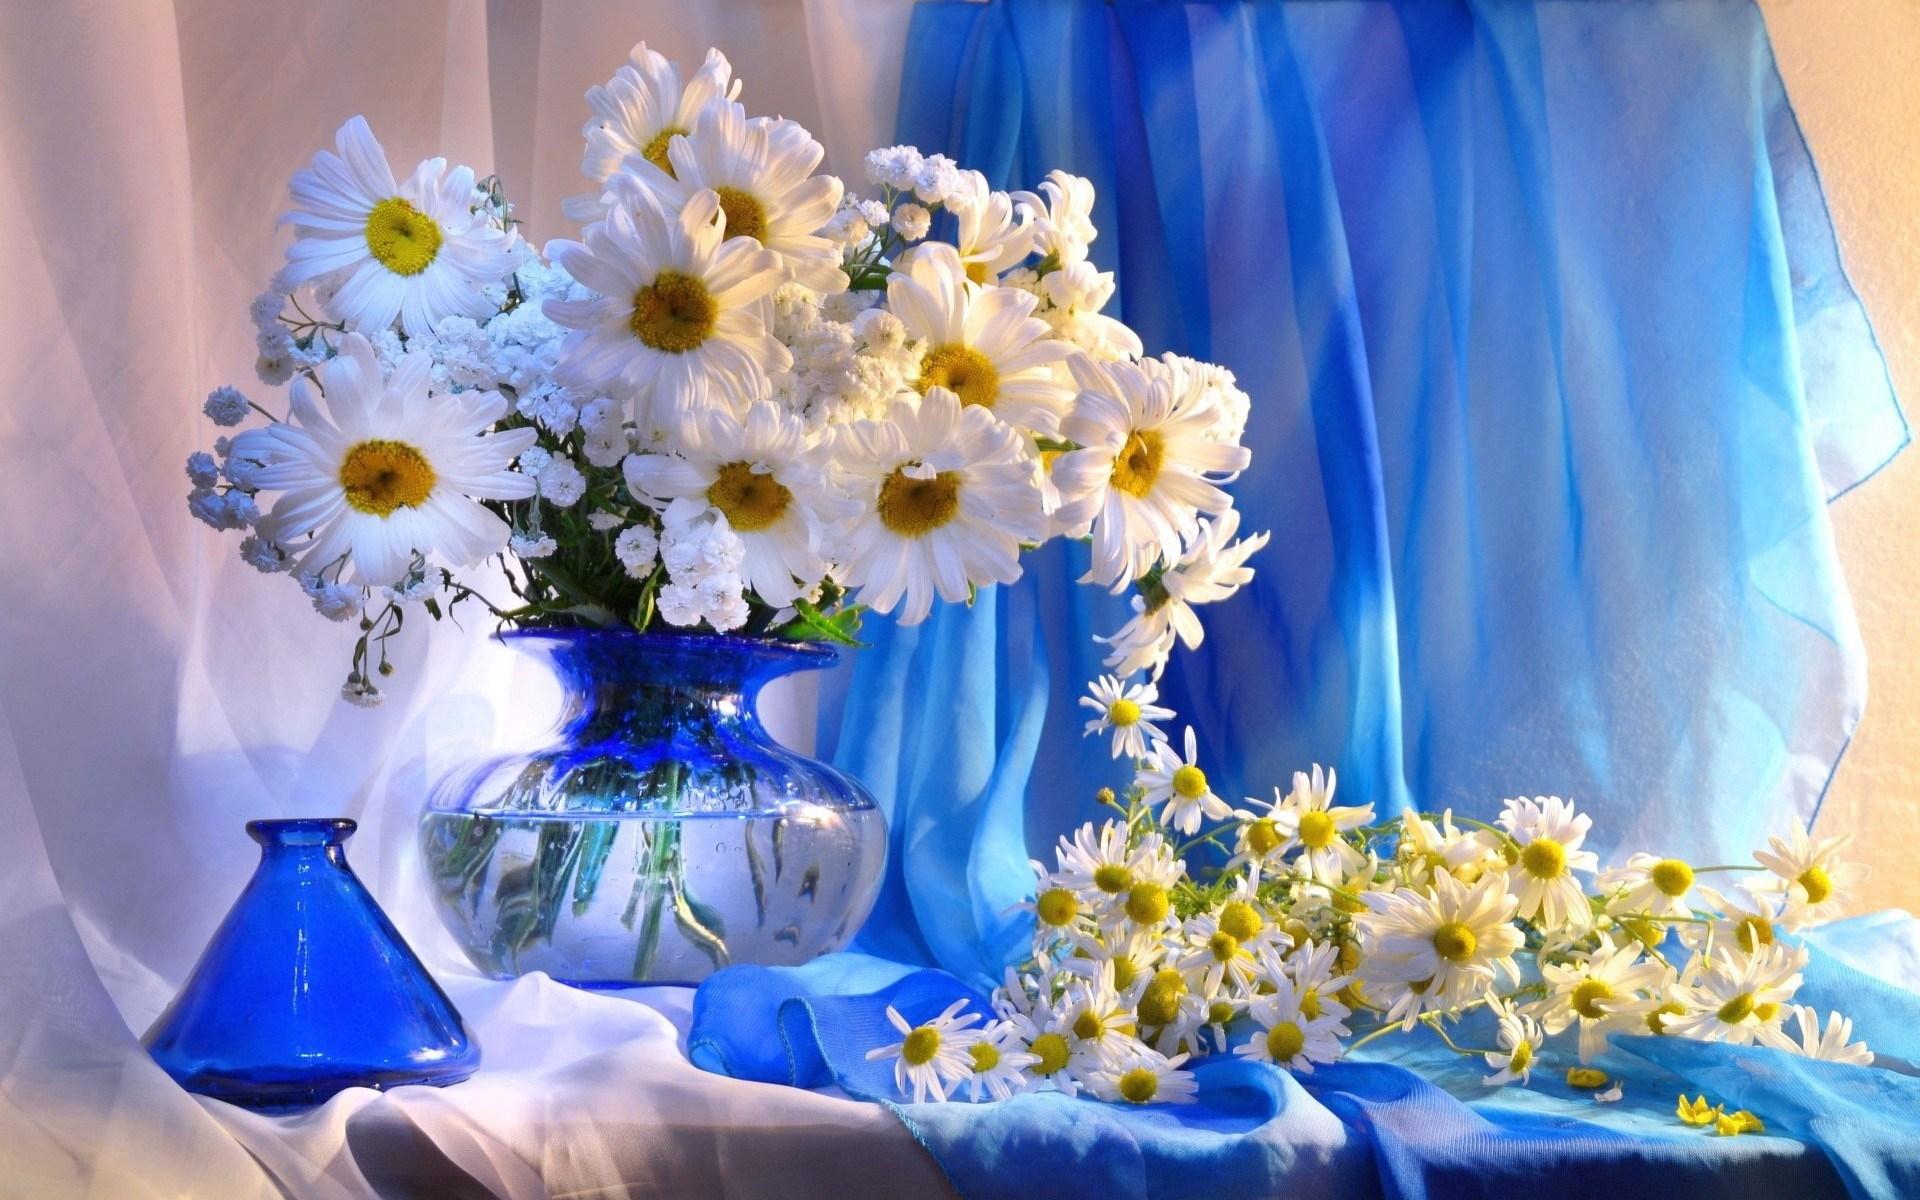 daisy photographs